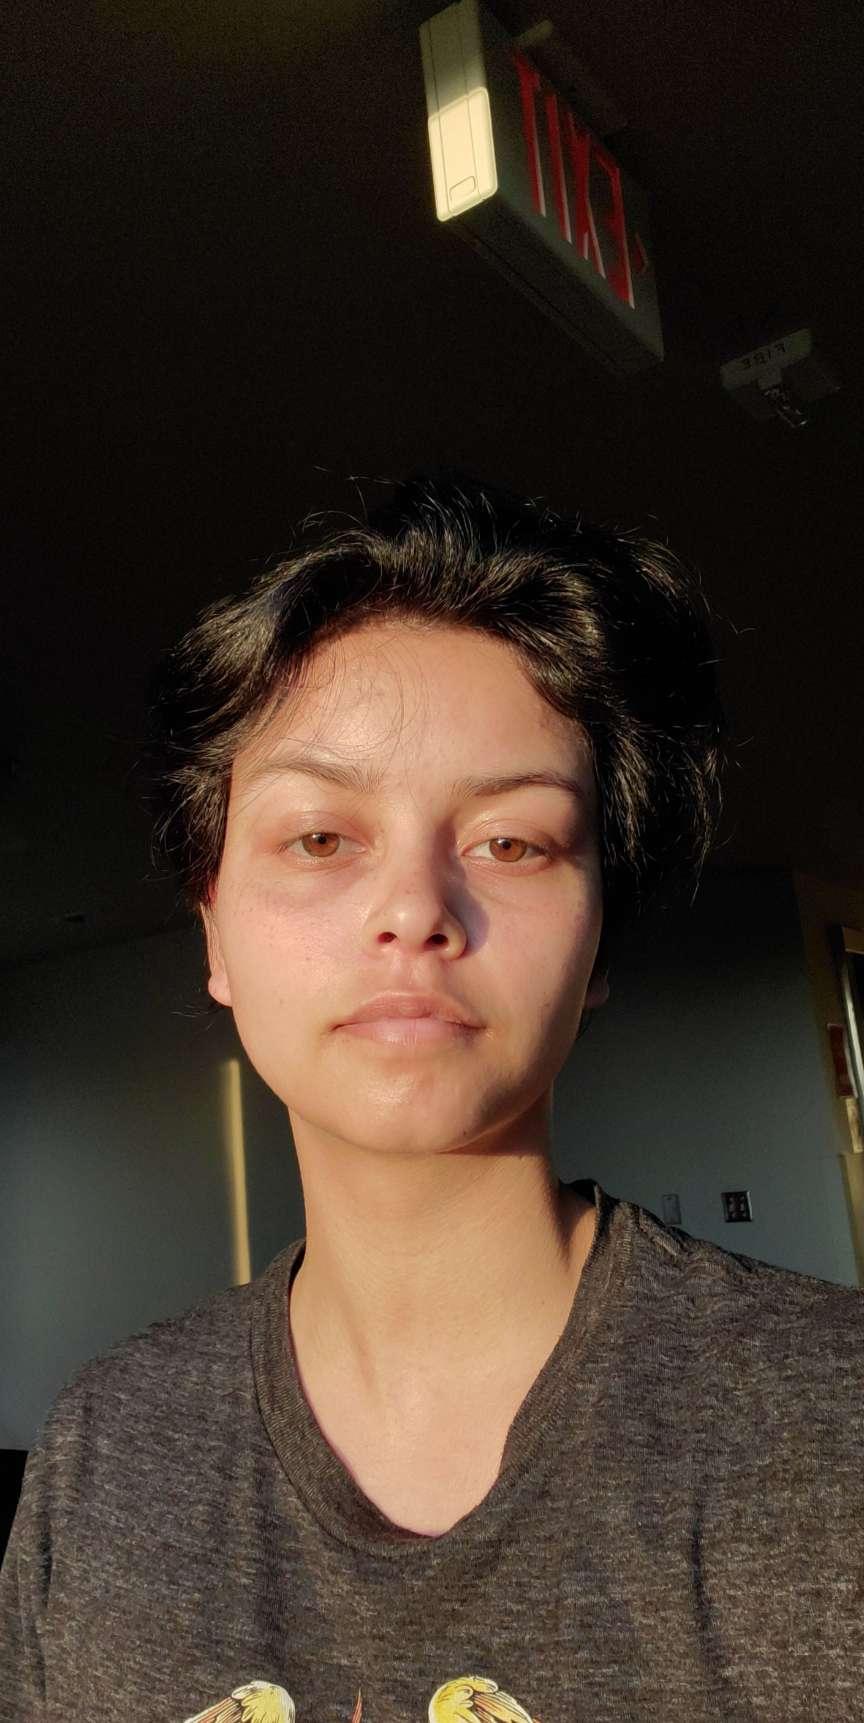 Yasmine Saleem's profile image